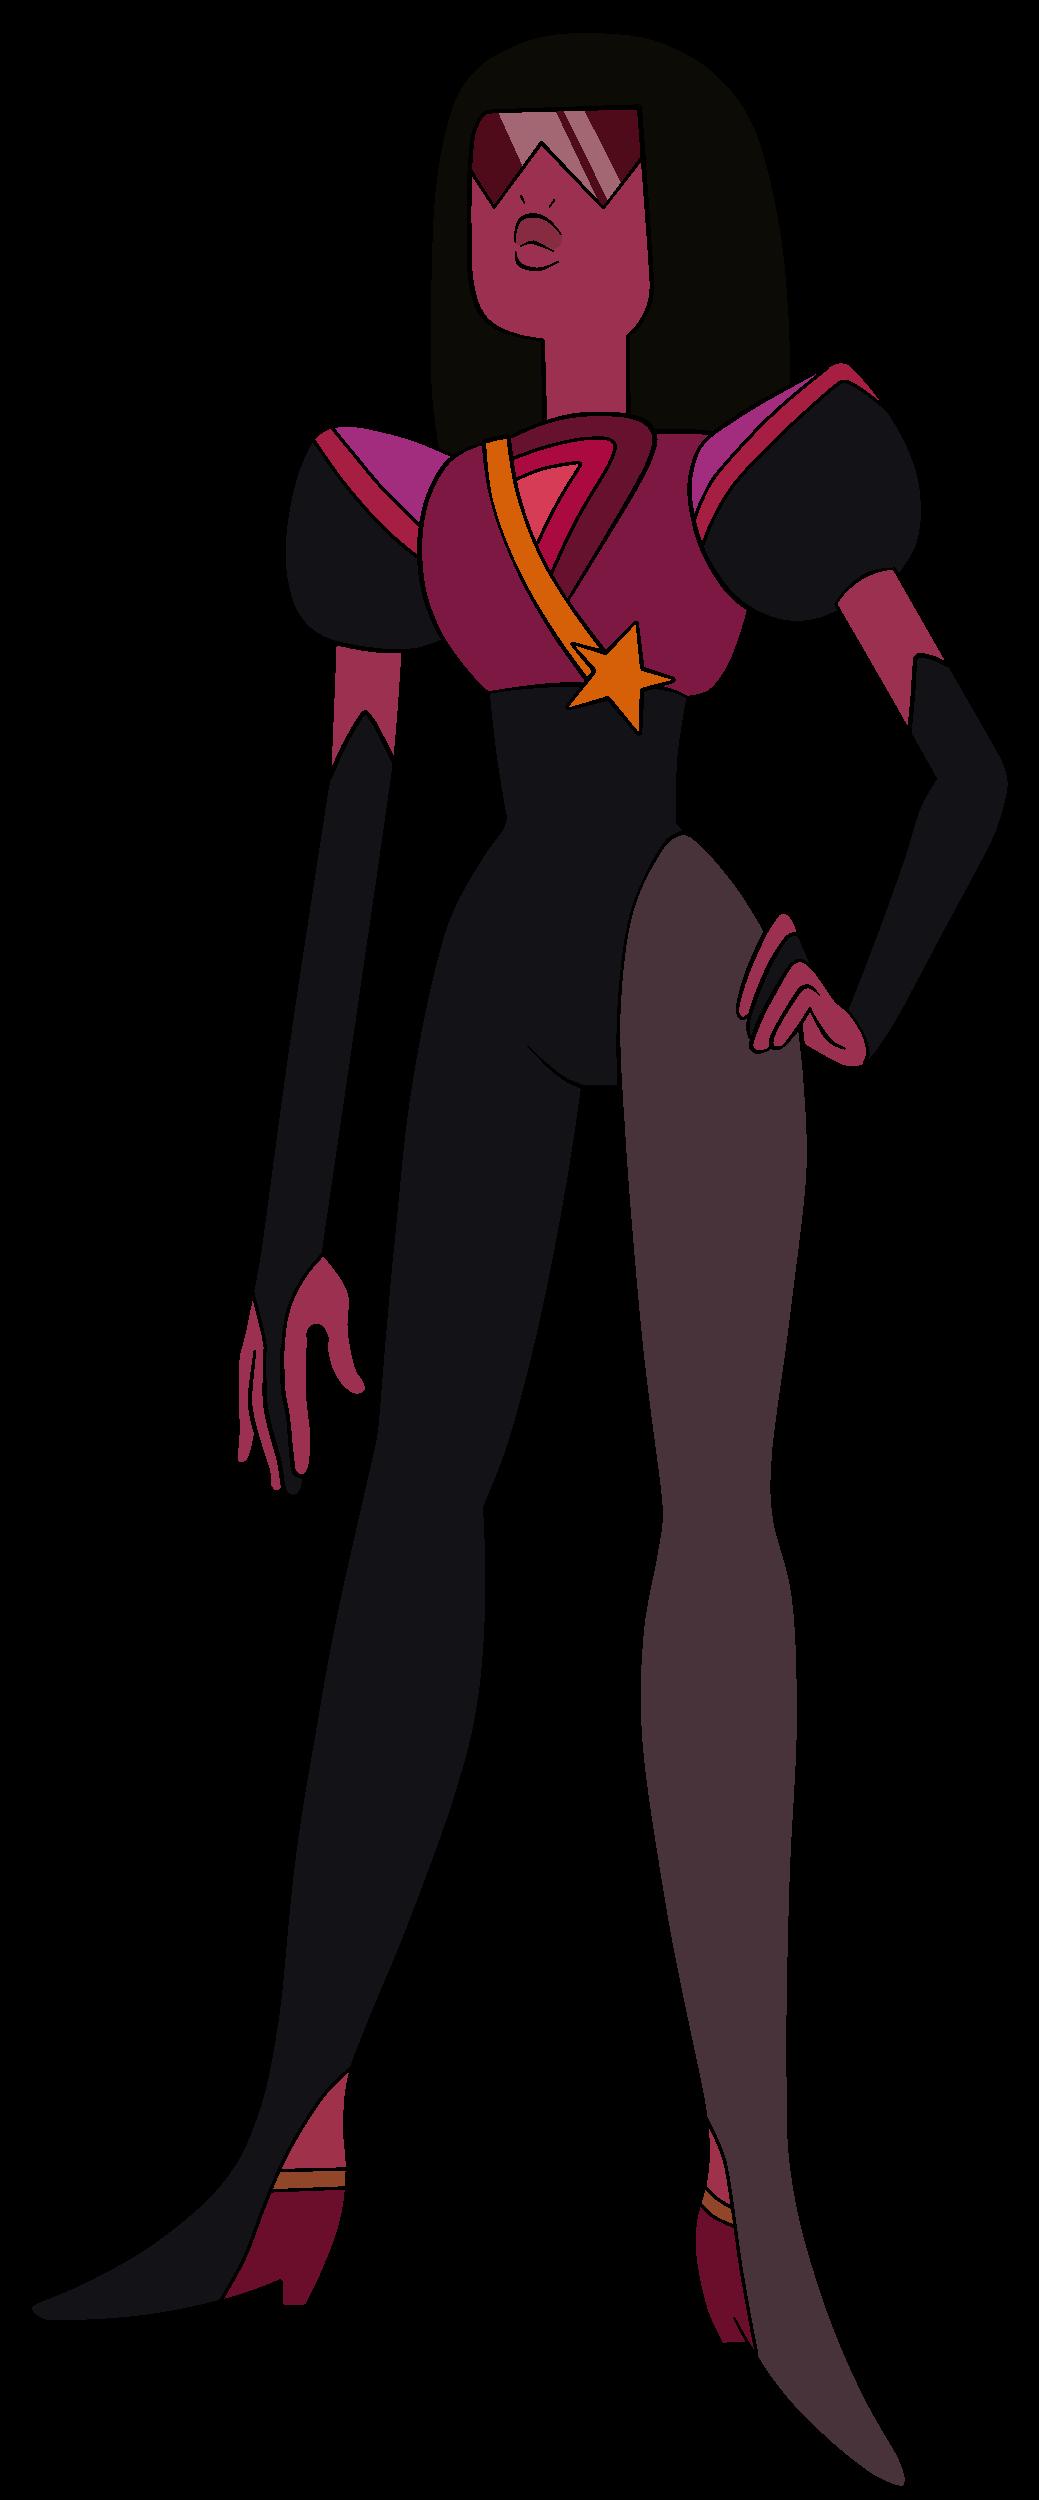 Garnet Steven Universe Characters Garnet Steven Universe Steven Universe Pilot